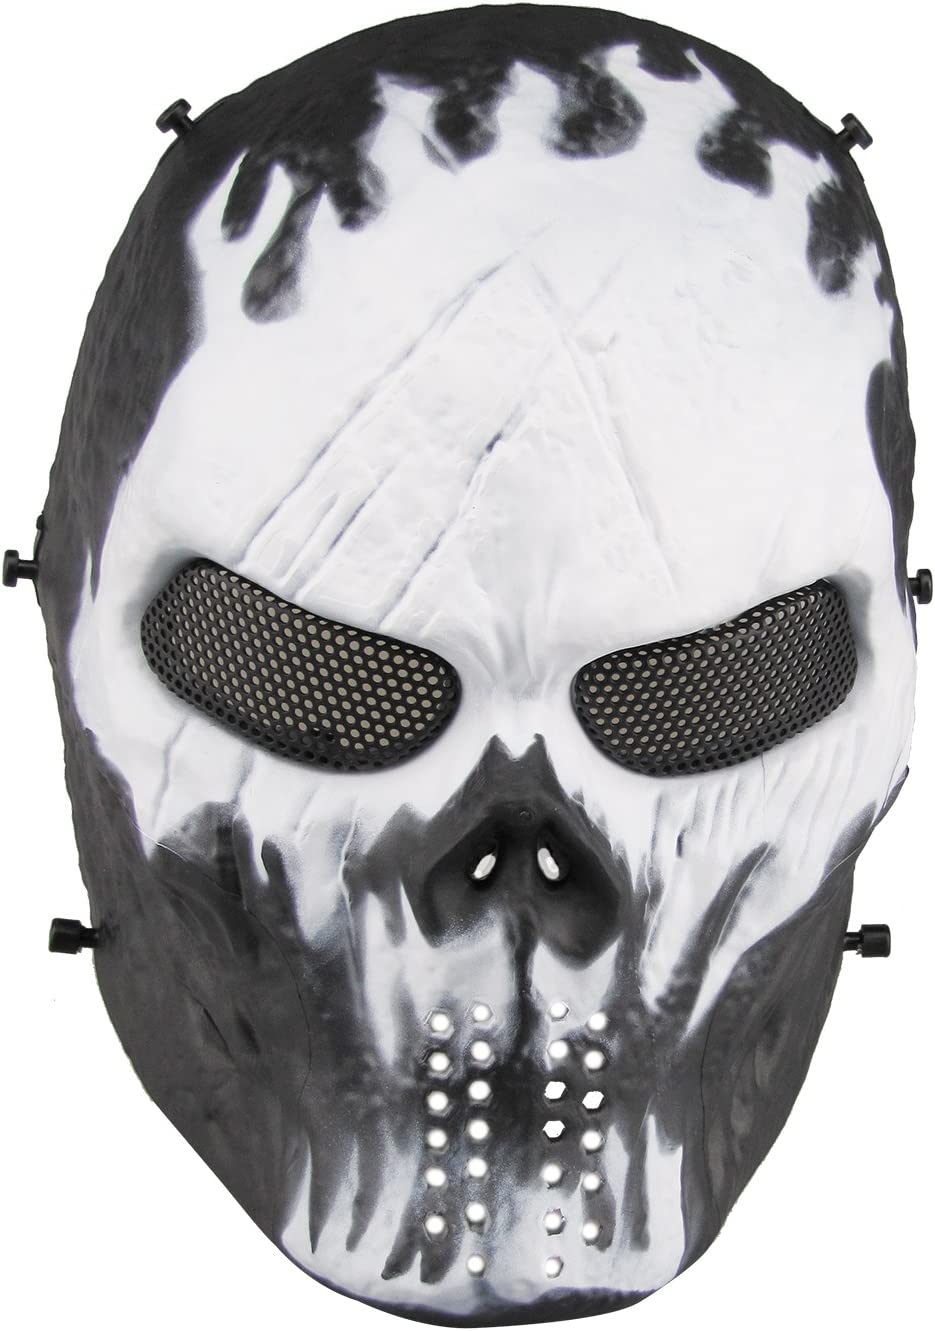 Aoutacc Máscara de calavera para airsoft, máscara táctica completa con malla de metal, protección para los ojos, máscaras, fiestas y Halloween, máscara de cráneo Cs War Game, BB Gun (Will-o'-The-wisp)